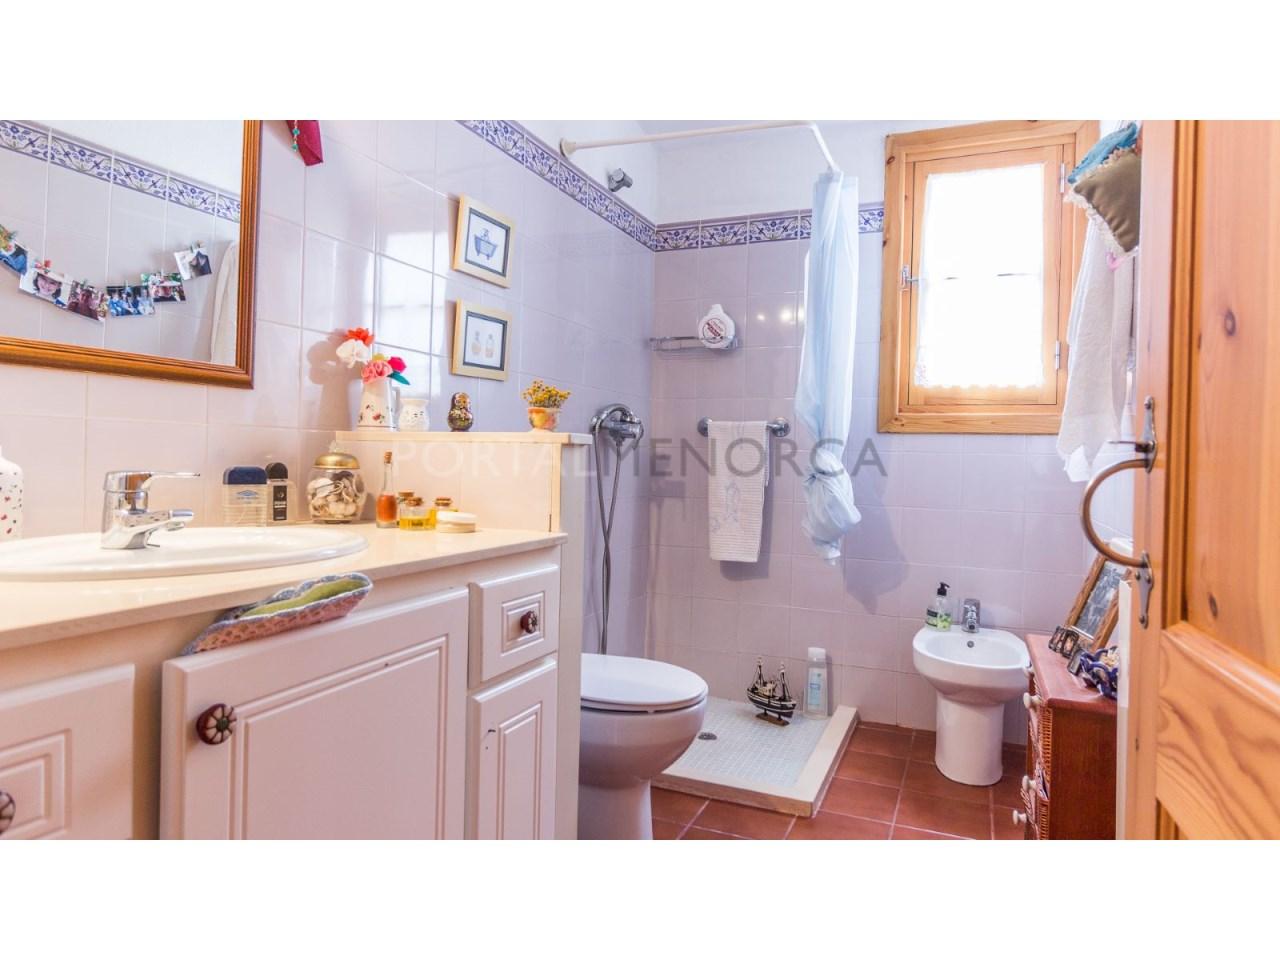 Country house for sale in Cala Galdana,Menorca-Bathroom